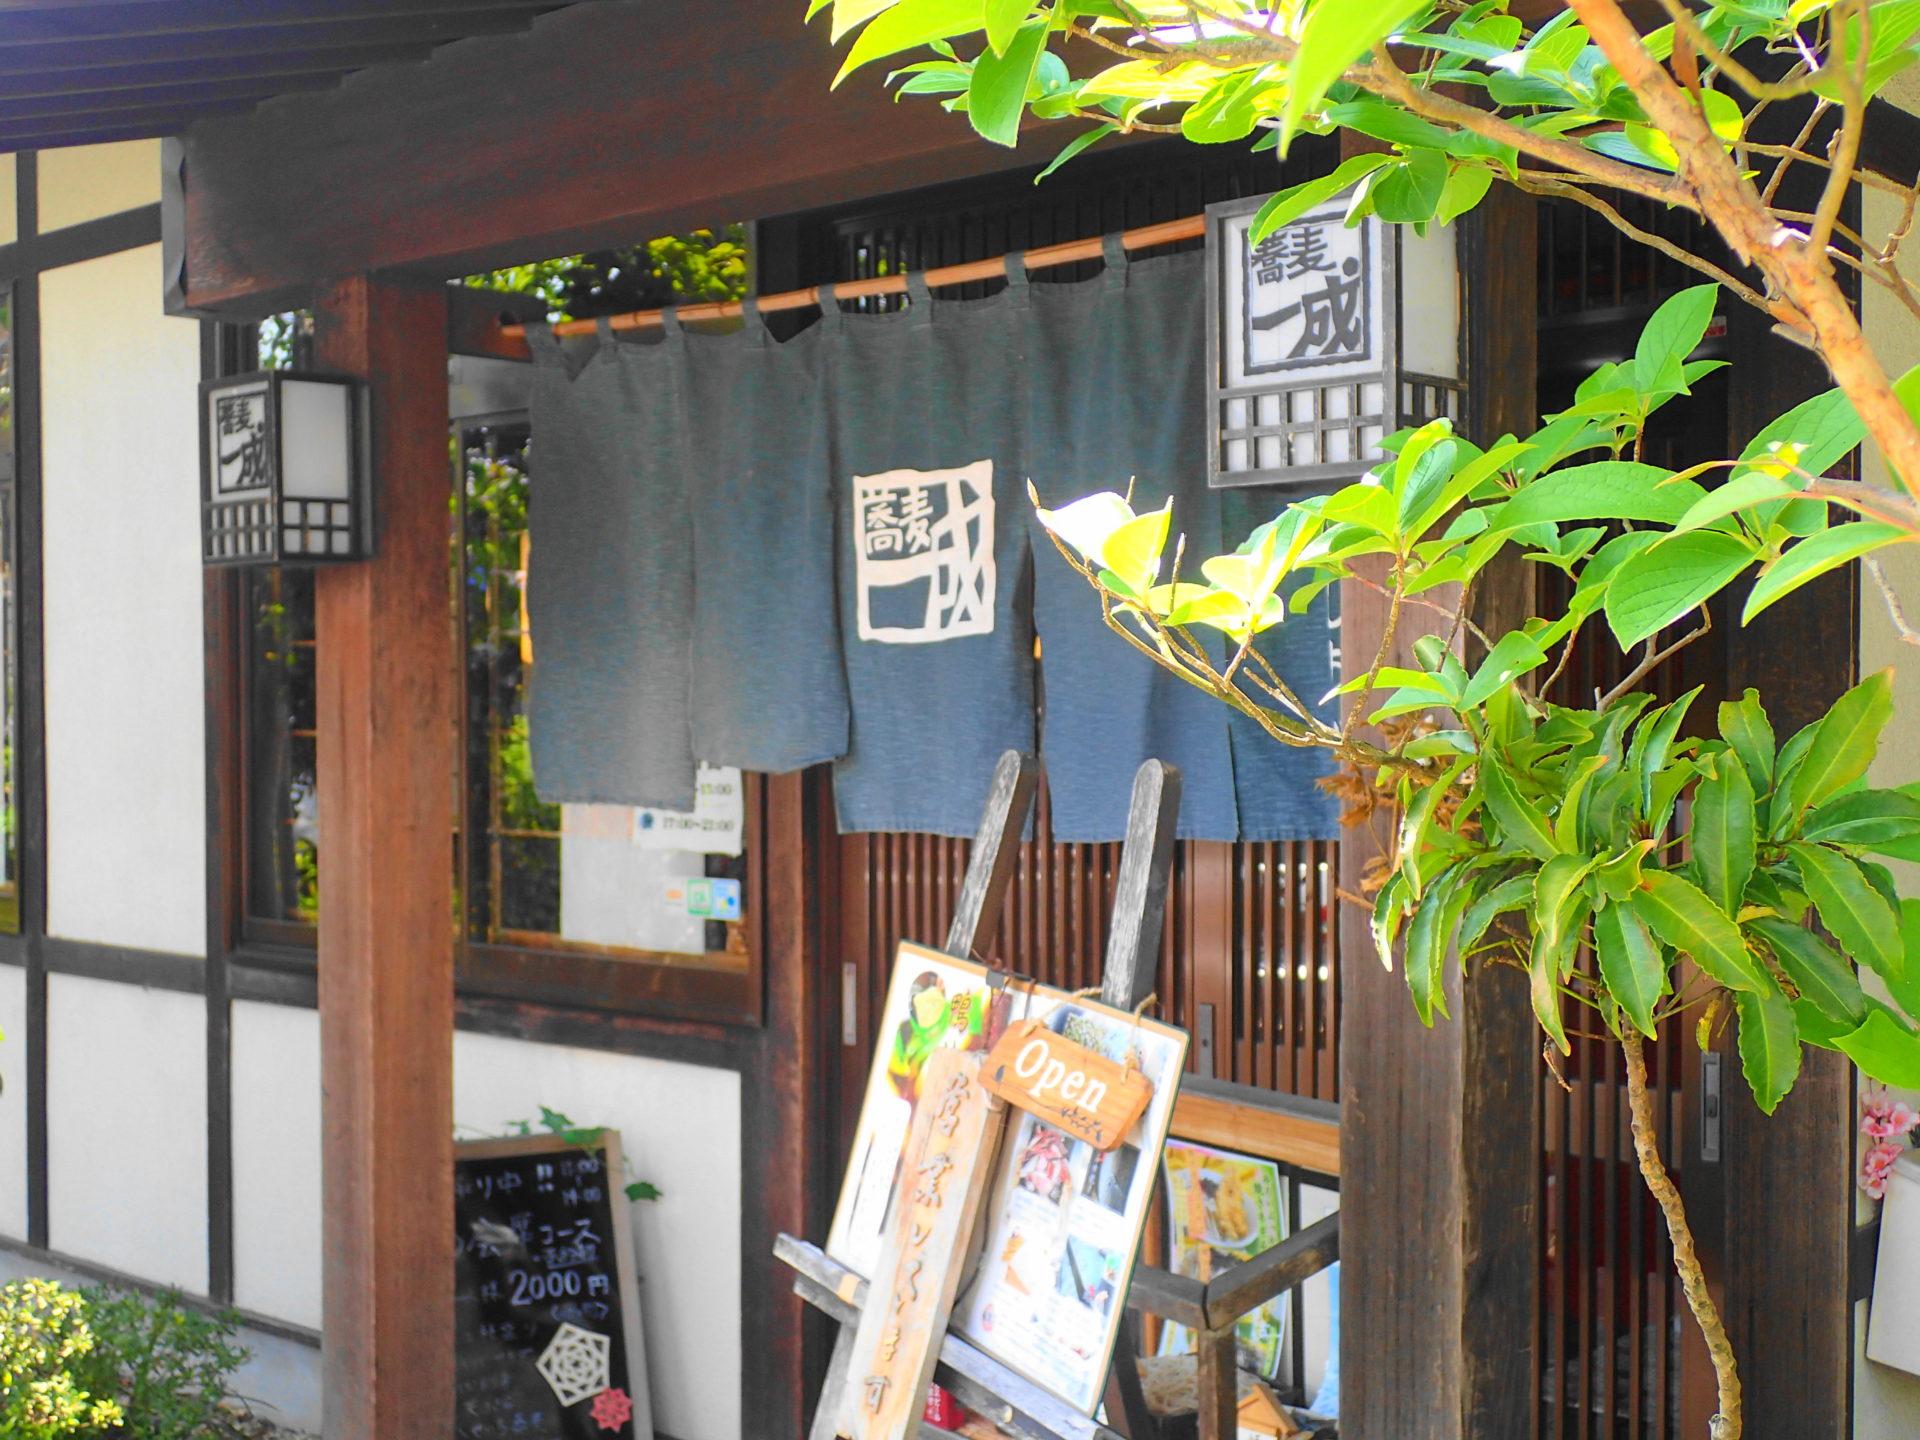 日本蕎麦一成 石岡店|6号線沿いの美味しい蕎麦屋を紹介!! - いばらじお♪